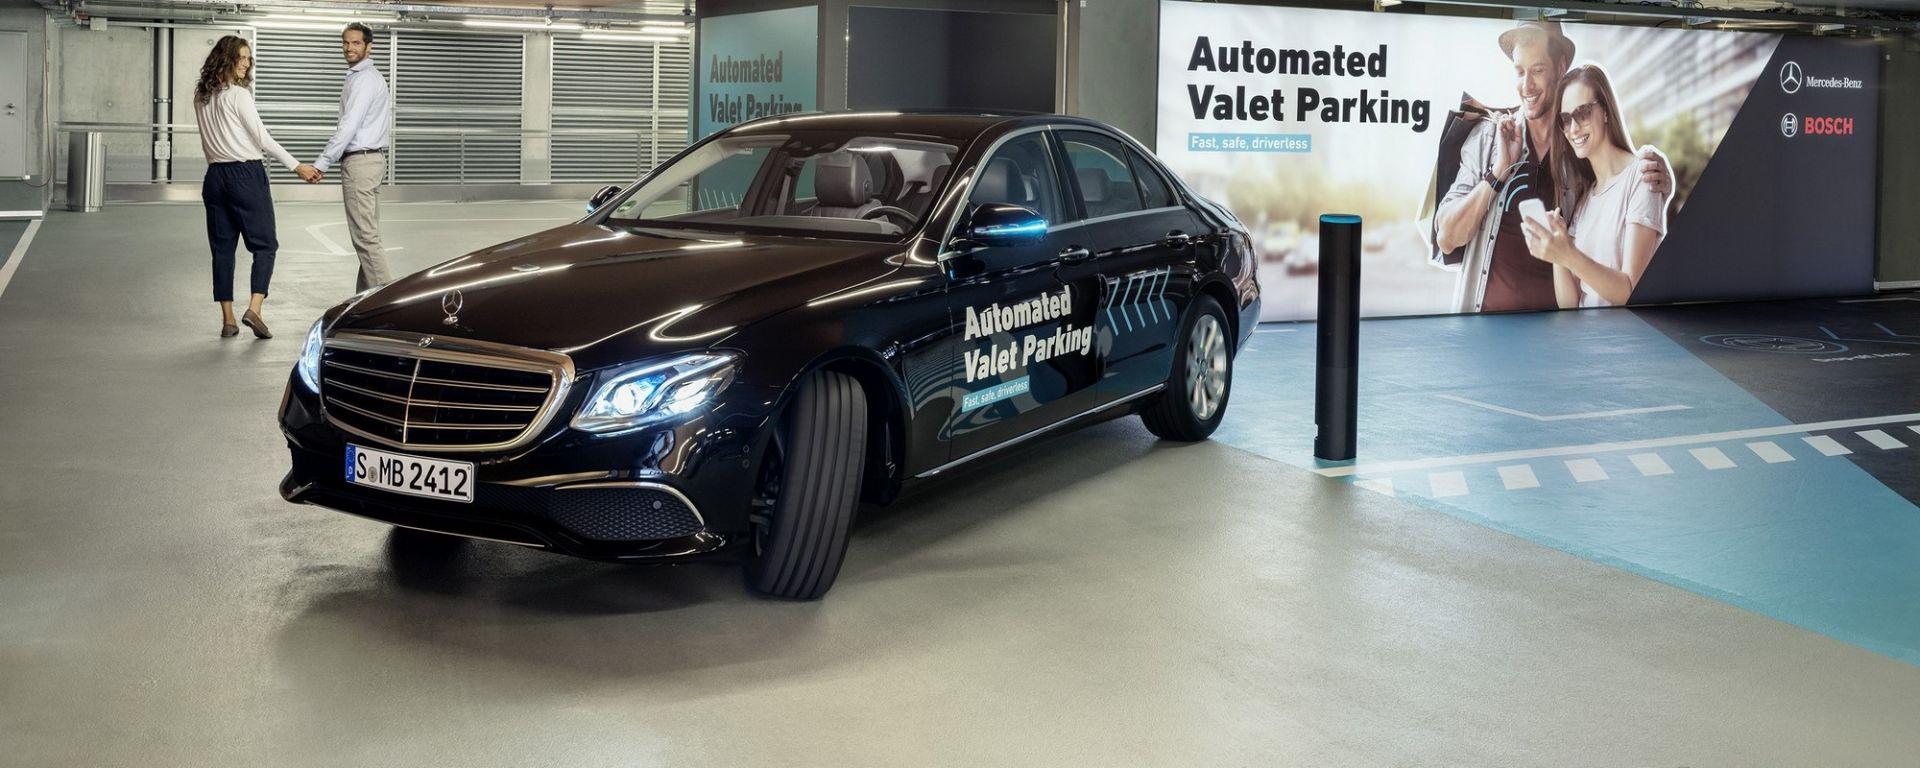 Bosch e daimler creano il parcheggio autonomo nel museo for Garage autonomo